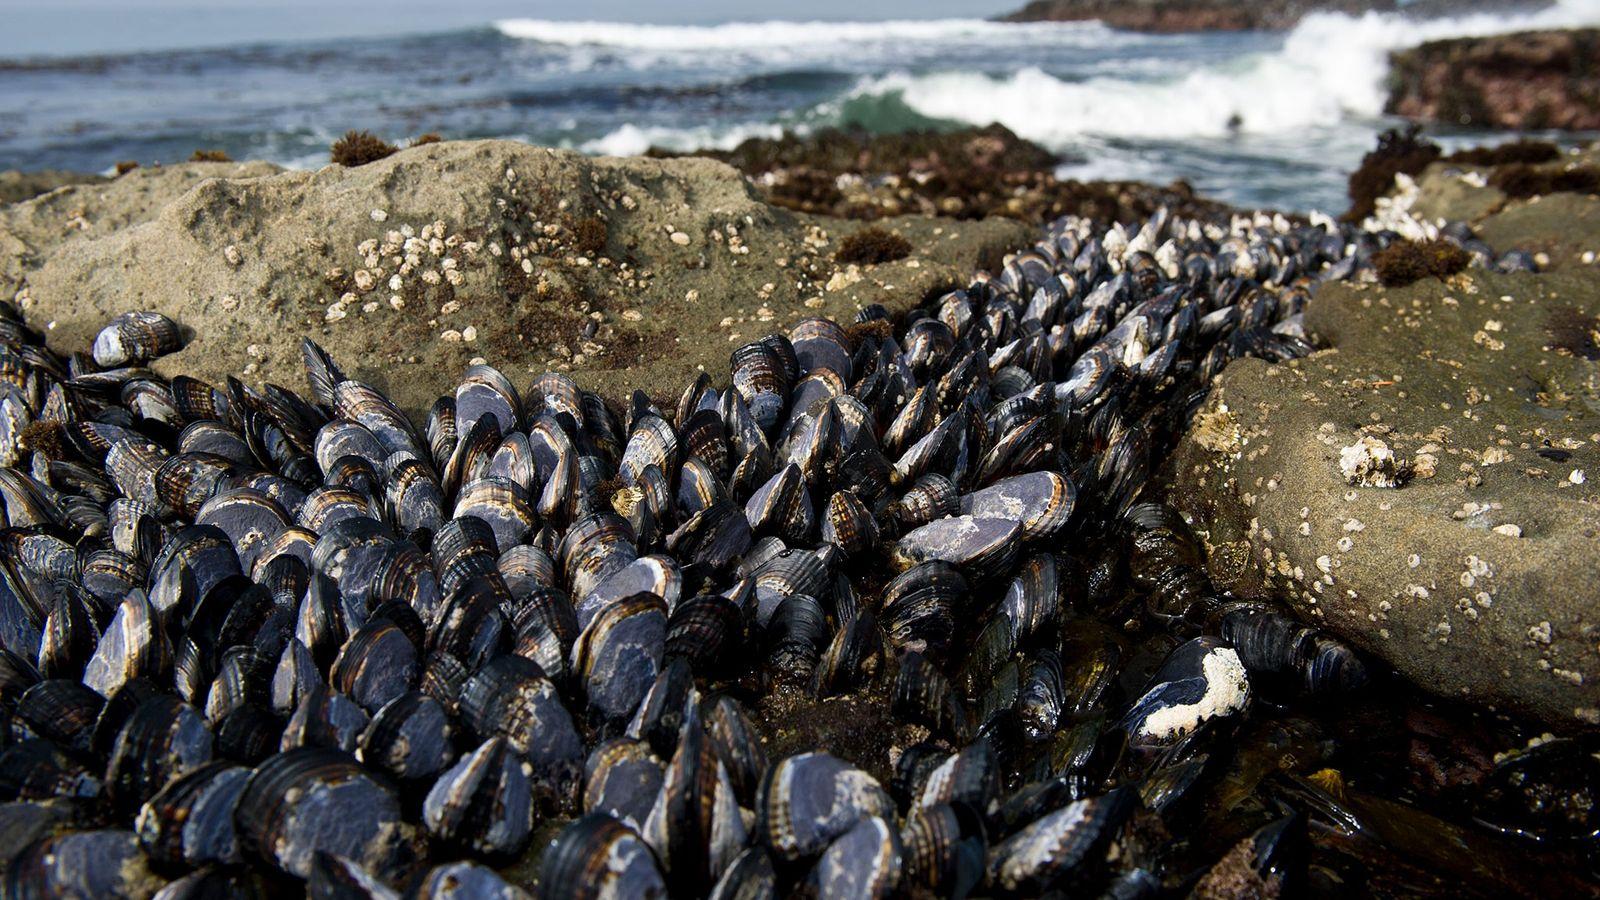 Os mexilhões (Mytilus trossulus), vistos aqui numa praia da Ilha Vancouver, na Colúmbia Britânica, podem ser ...